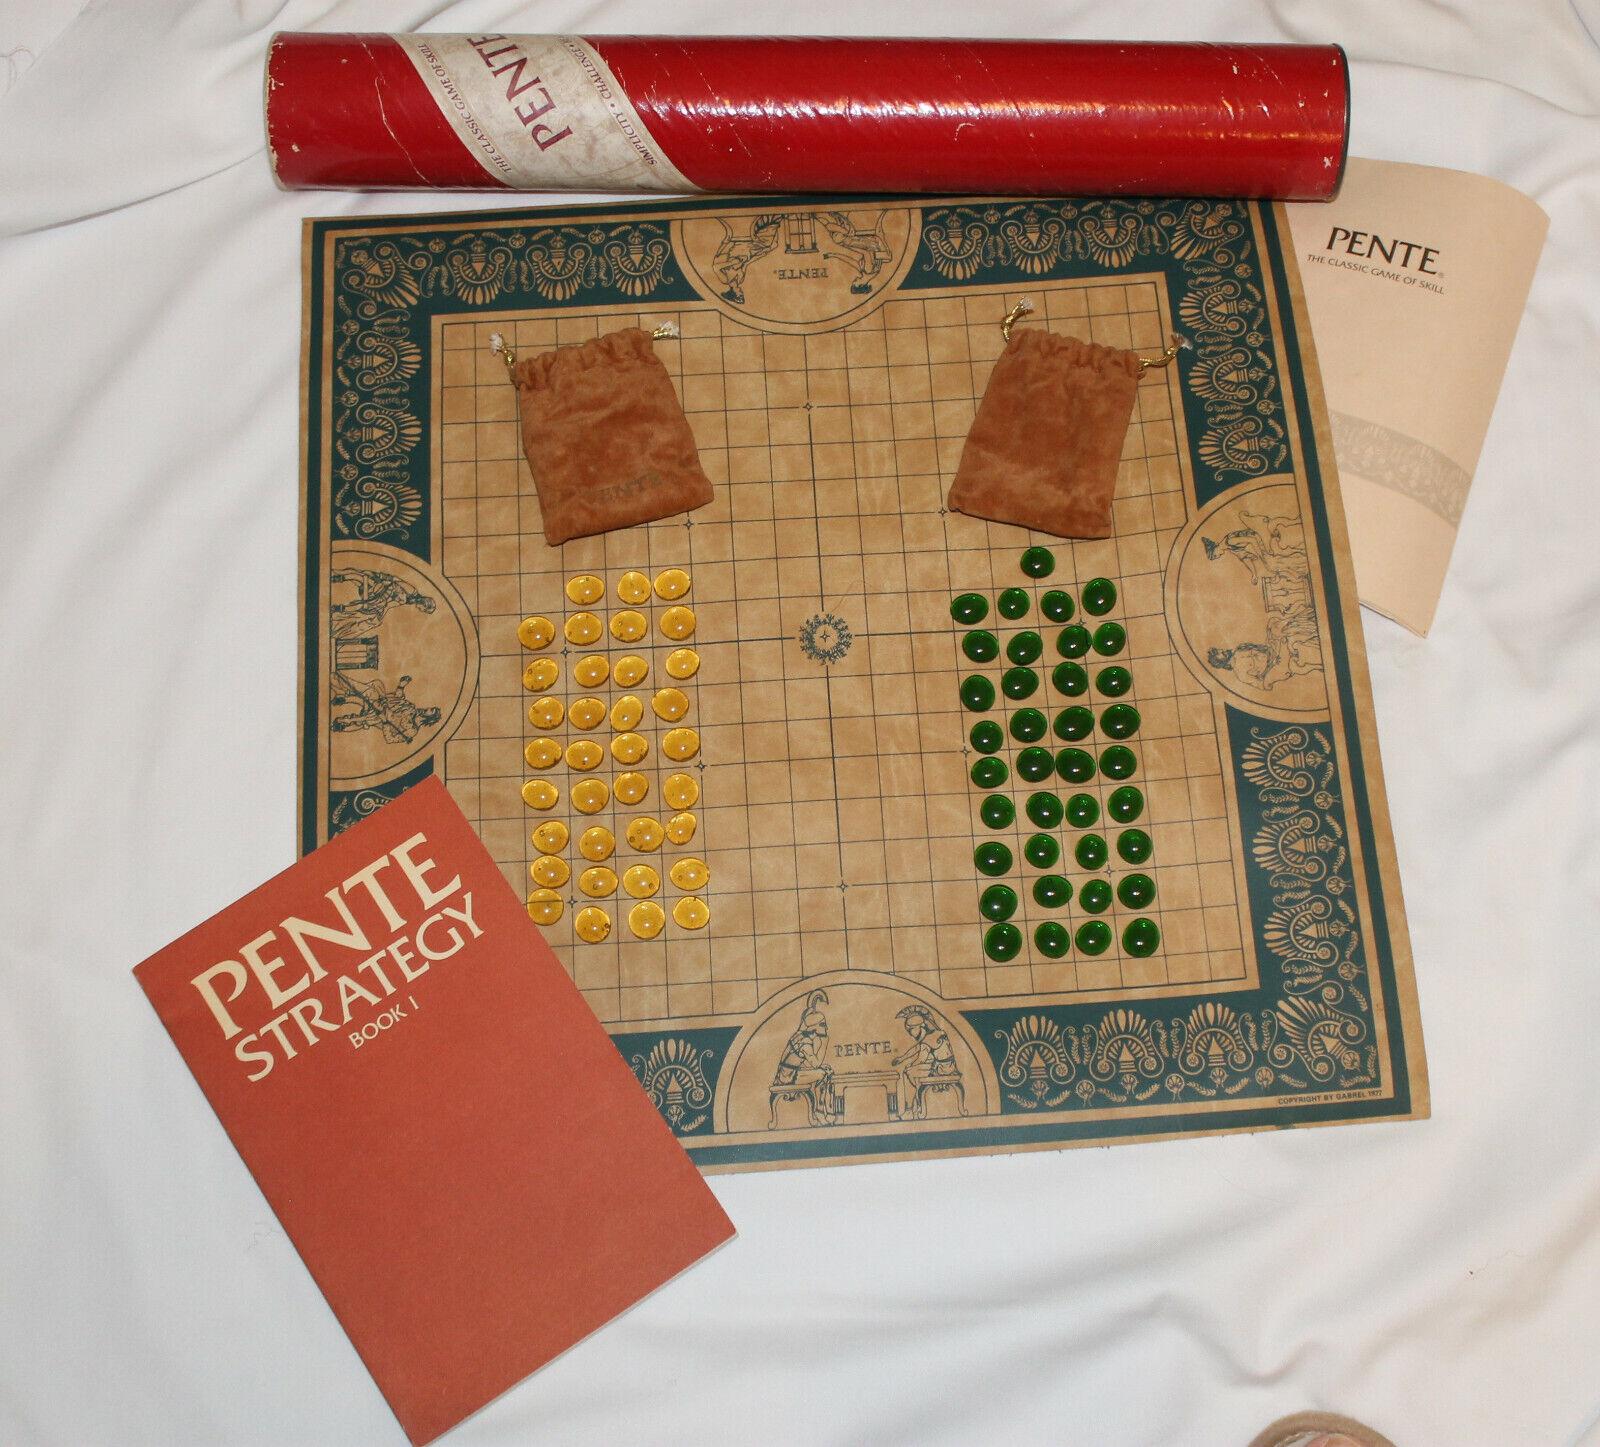 VINTAGE GABREL 1977 PENTE gioco  rosso Tube &  1980 Marroneeelich Strategy libro  negozio online